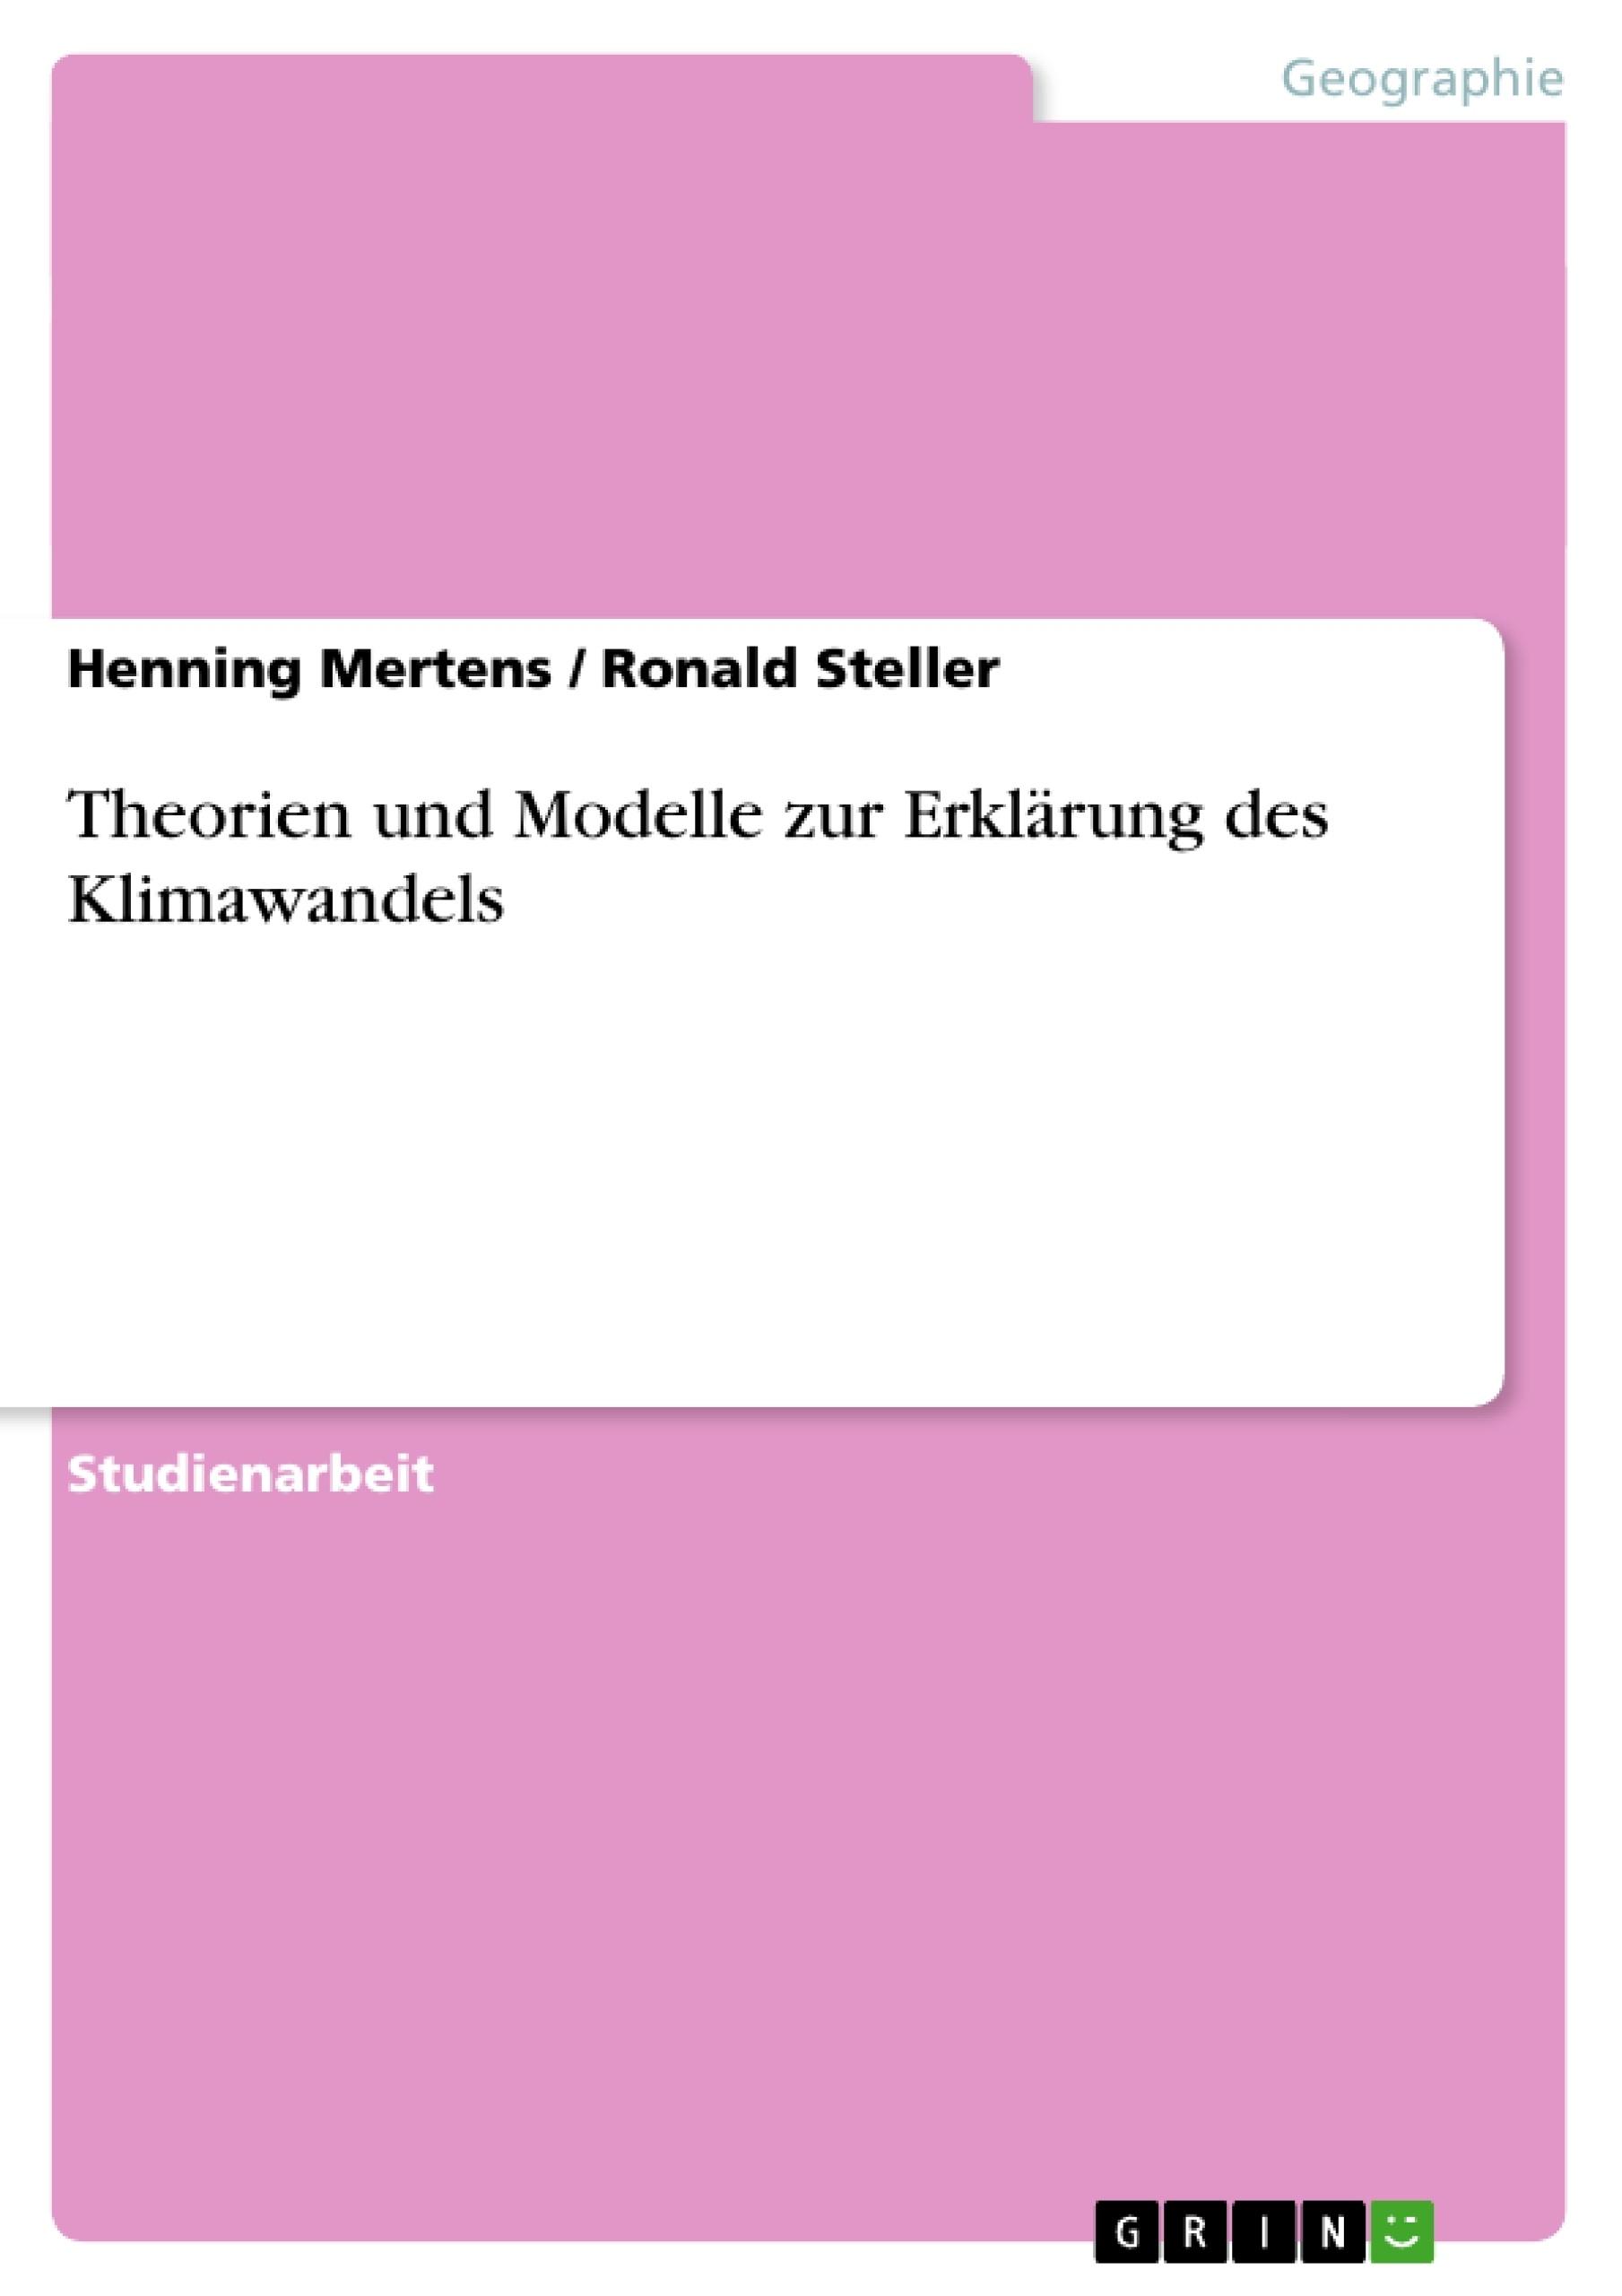 Titel: Theorien und Modelle zur Erklärung des Klimawandels